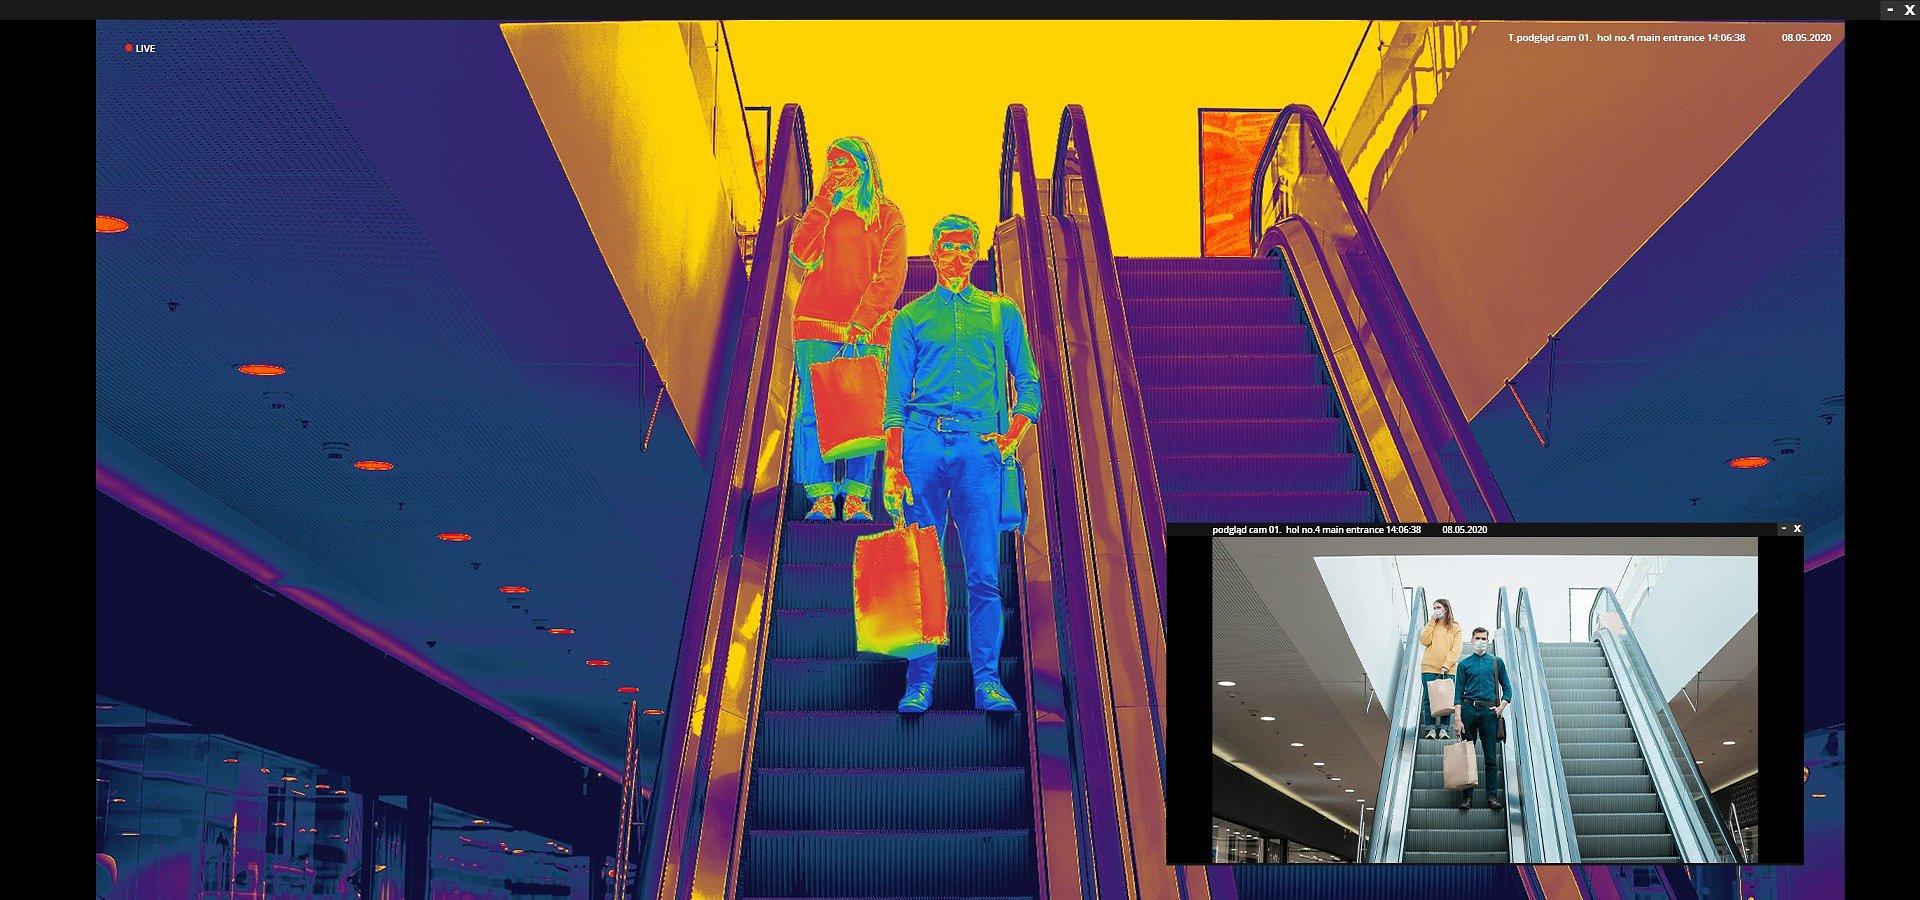 Technologia pomaga rozwiązać problemy branży Retail i HoReCa w czasach pandemii